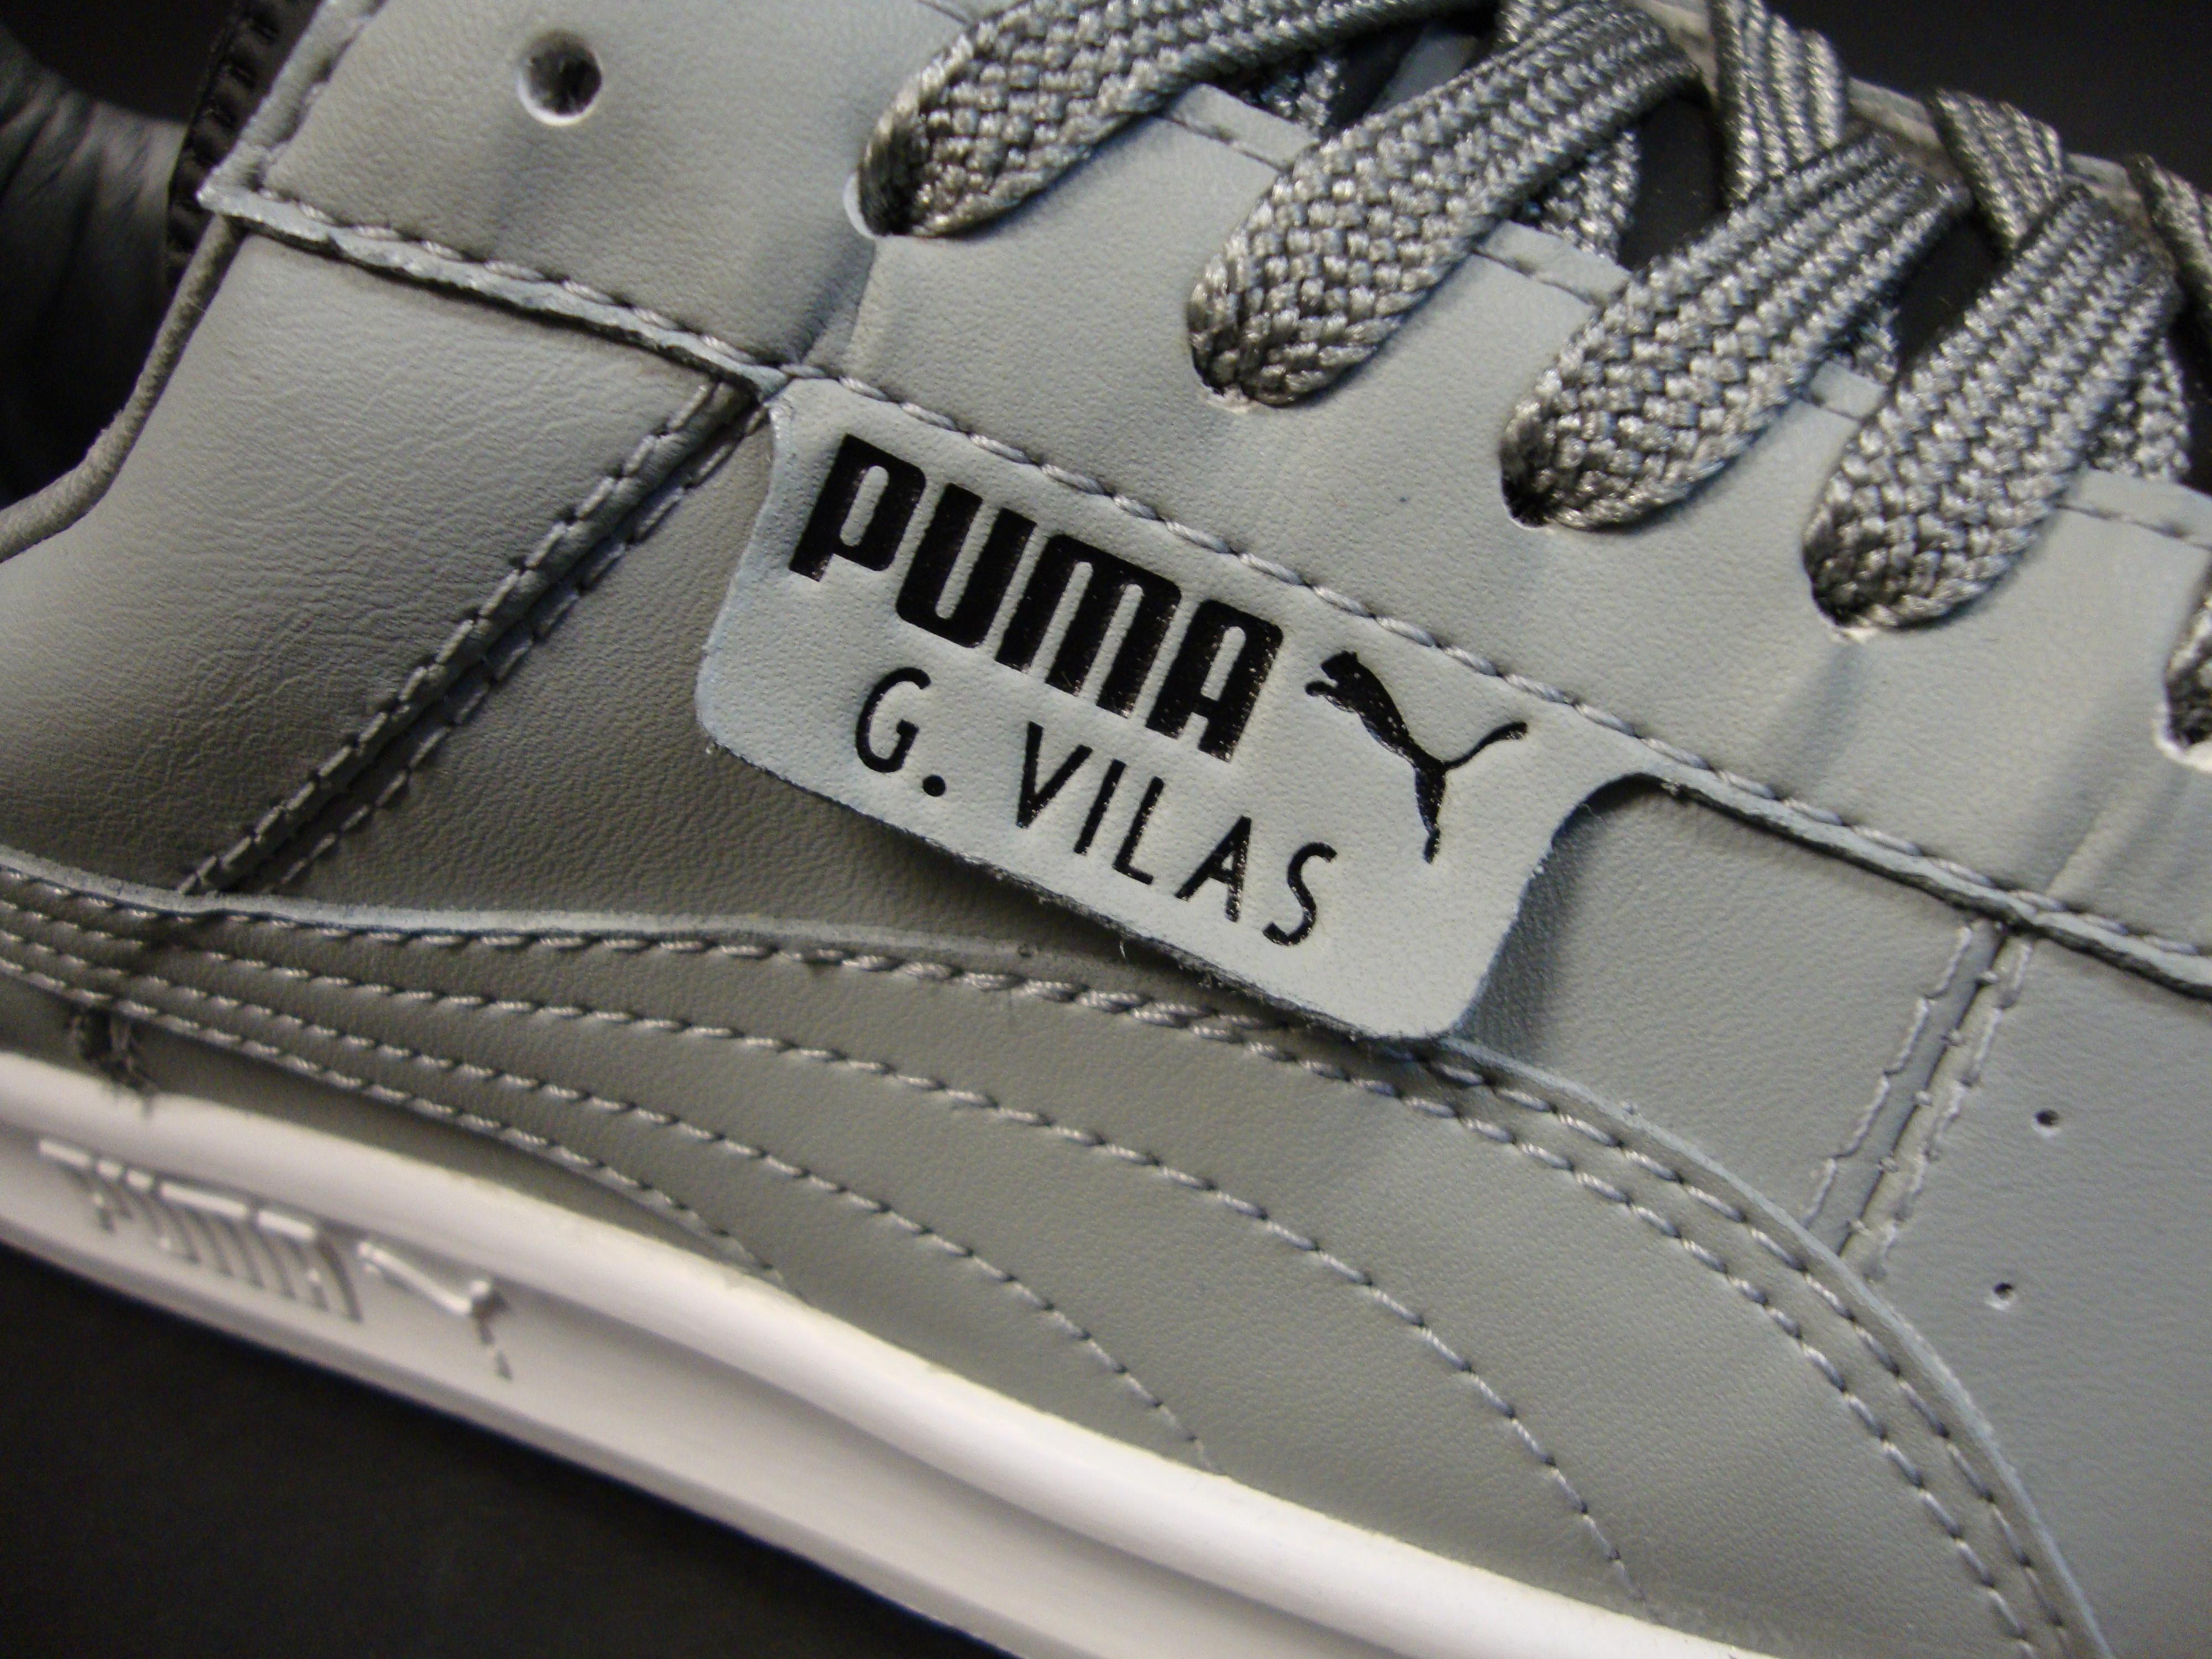 puma g. vilas l2 - men's